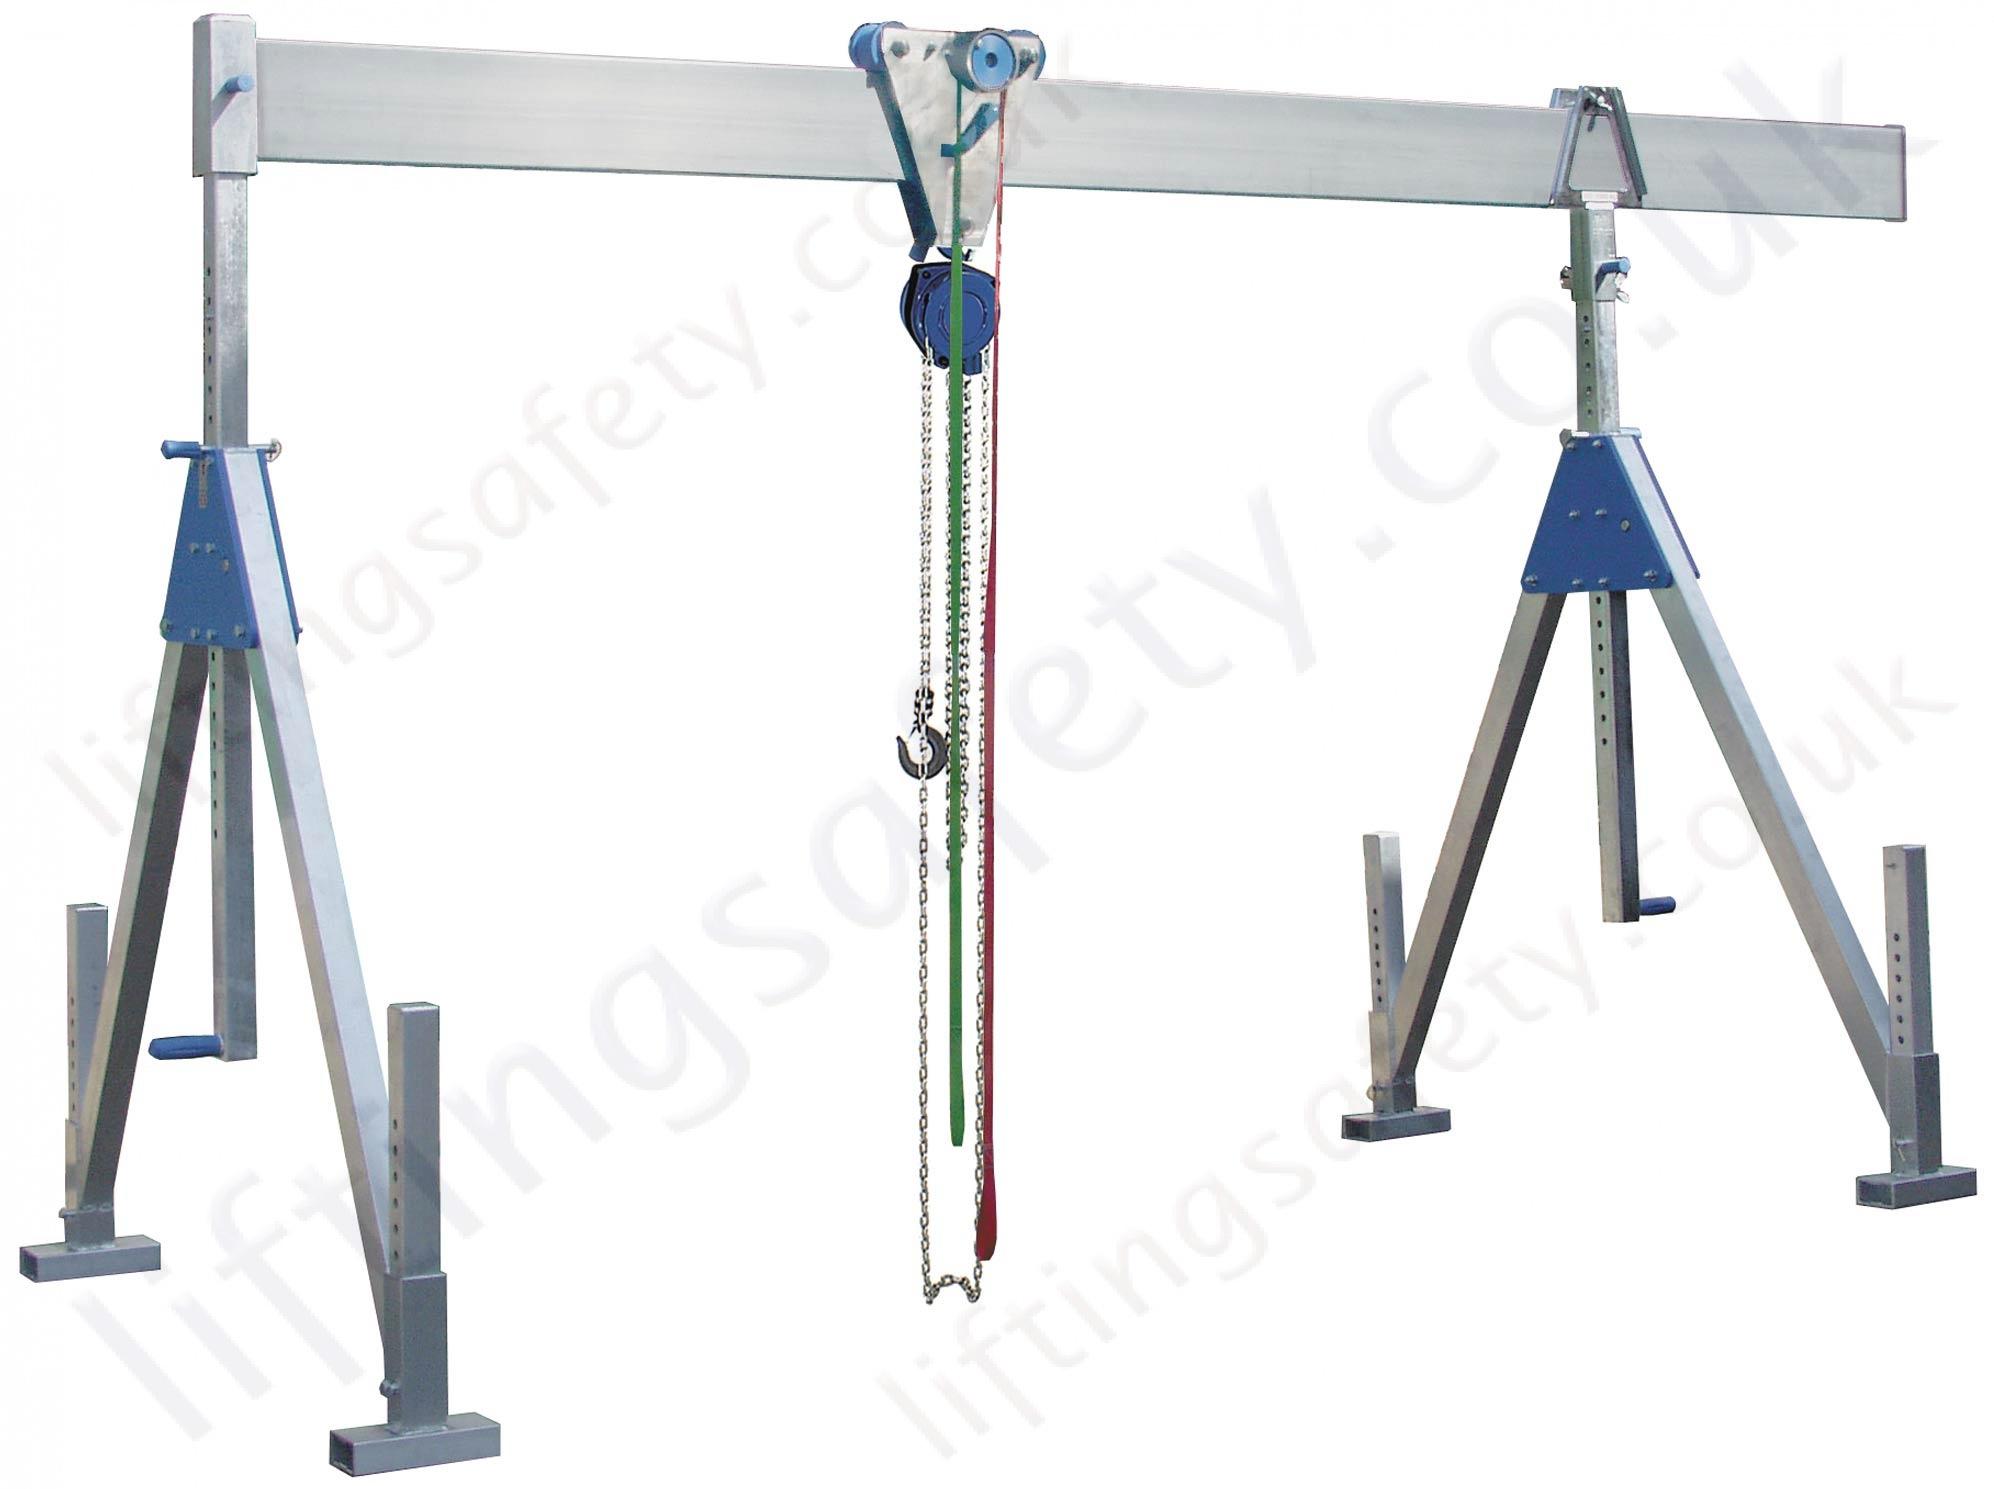 Mobile Gantry Crane Uk : Fully adjustable aluminium lifting gantry crane with